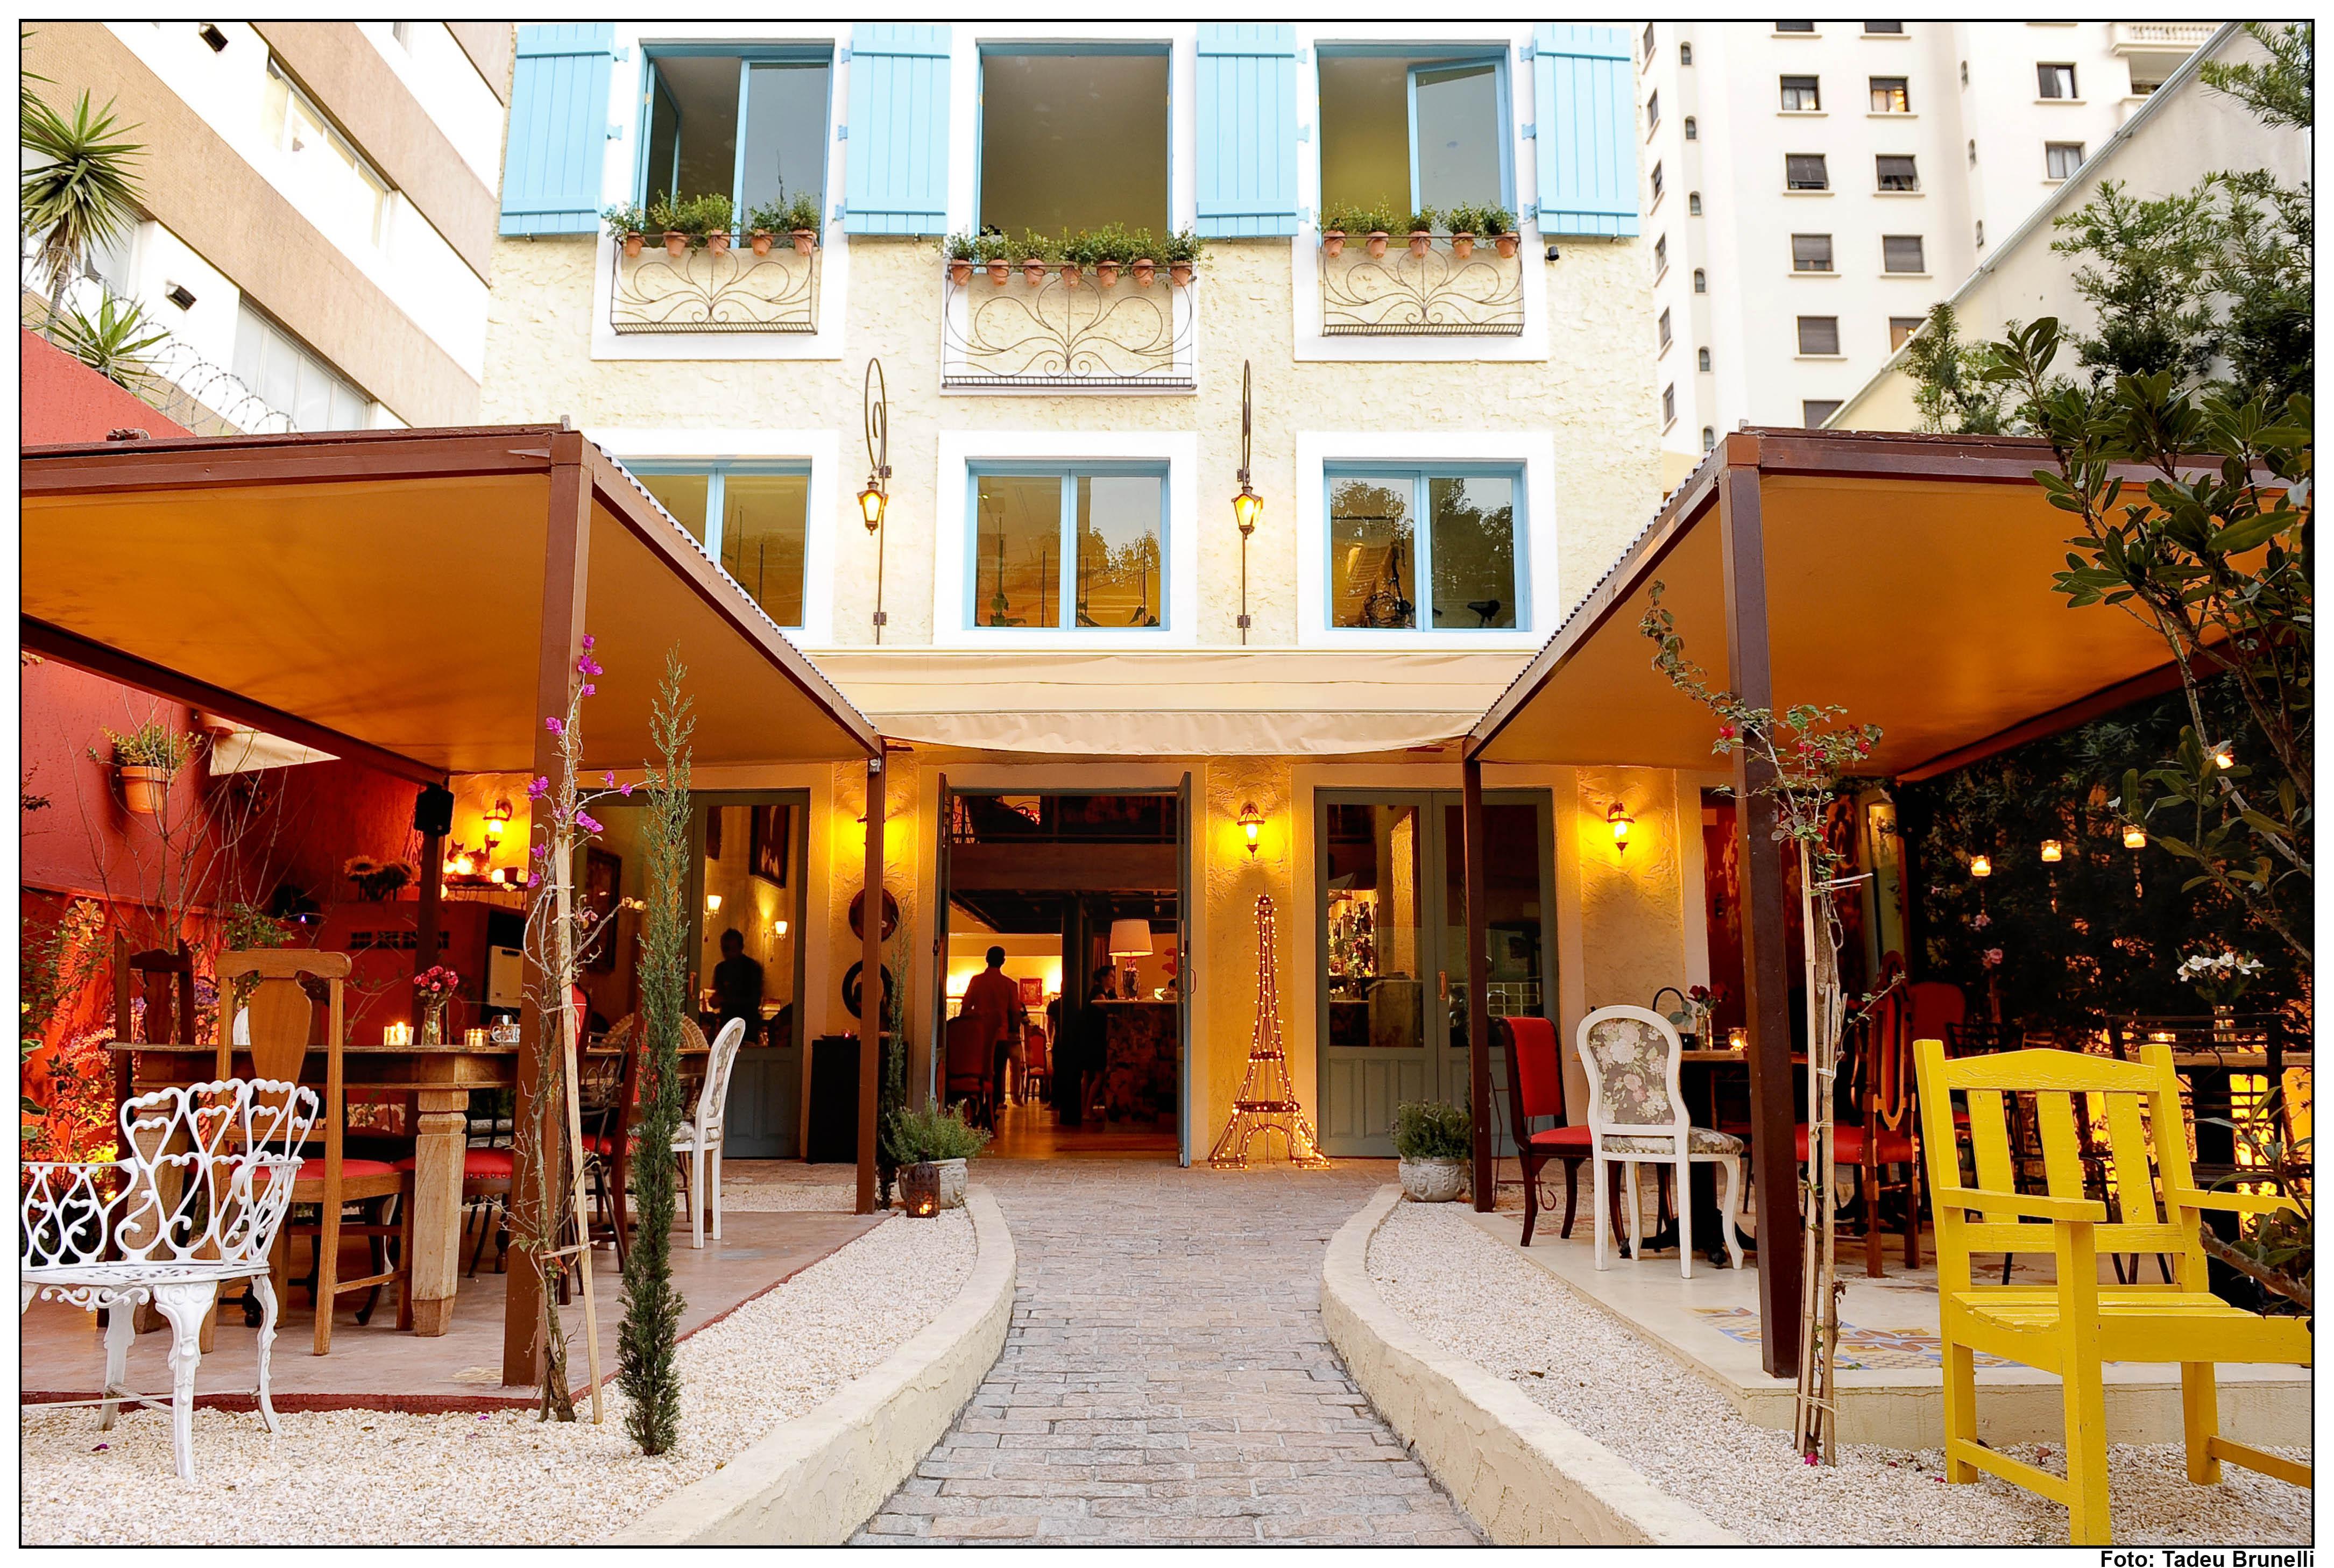 Restaurantes: Ruella Caffé & Bistrô